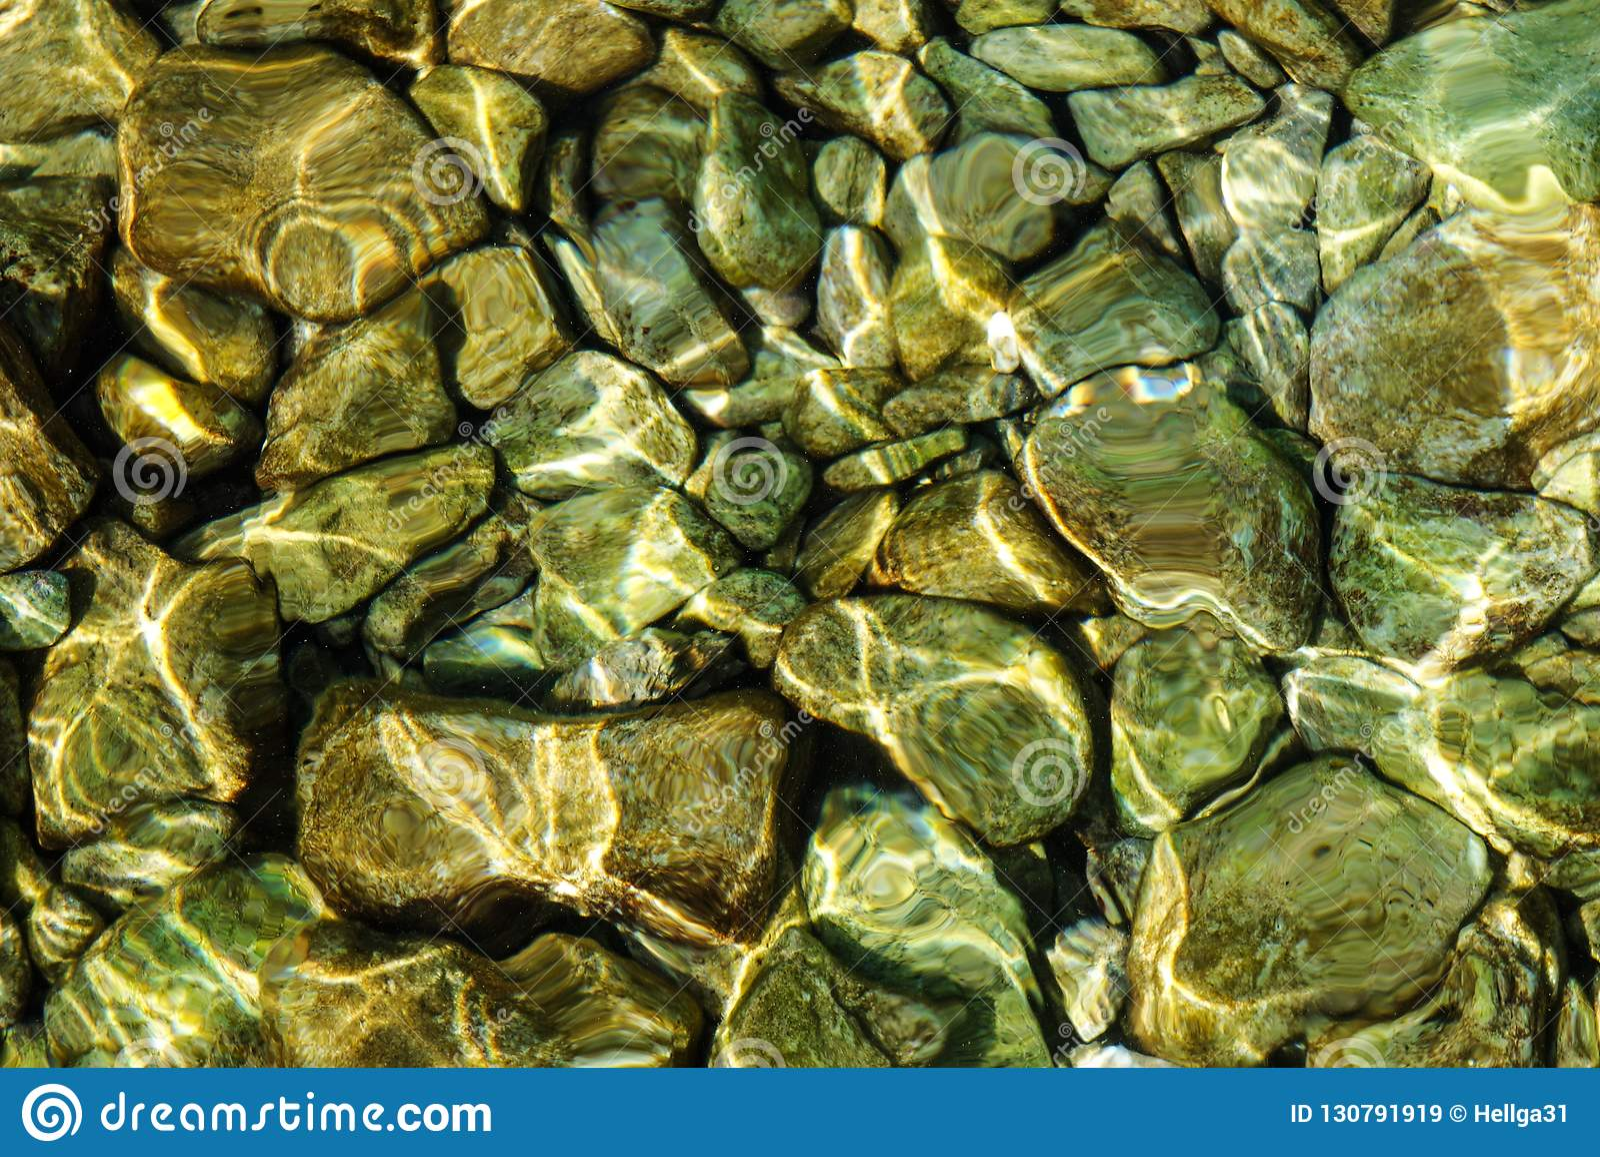 Ясная прозрачная морская вода до которая вы можете увидеть текстуру предпосылки камней подводно